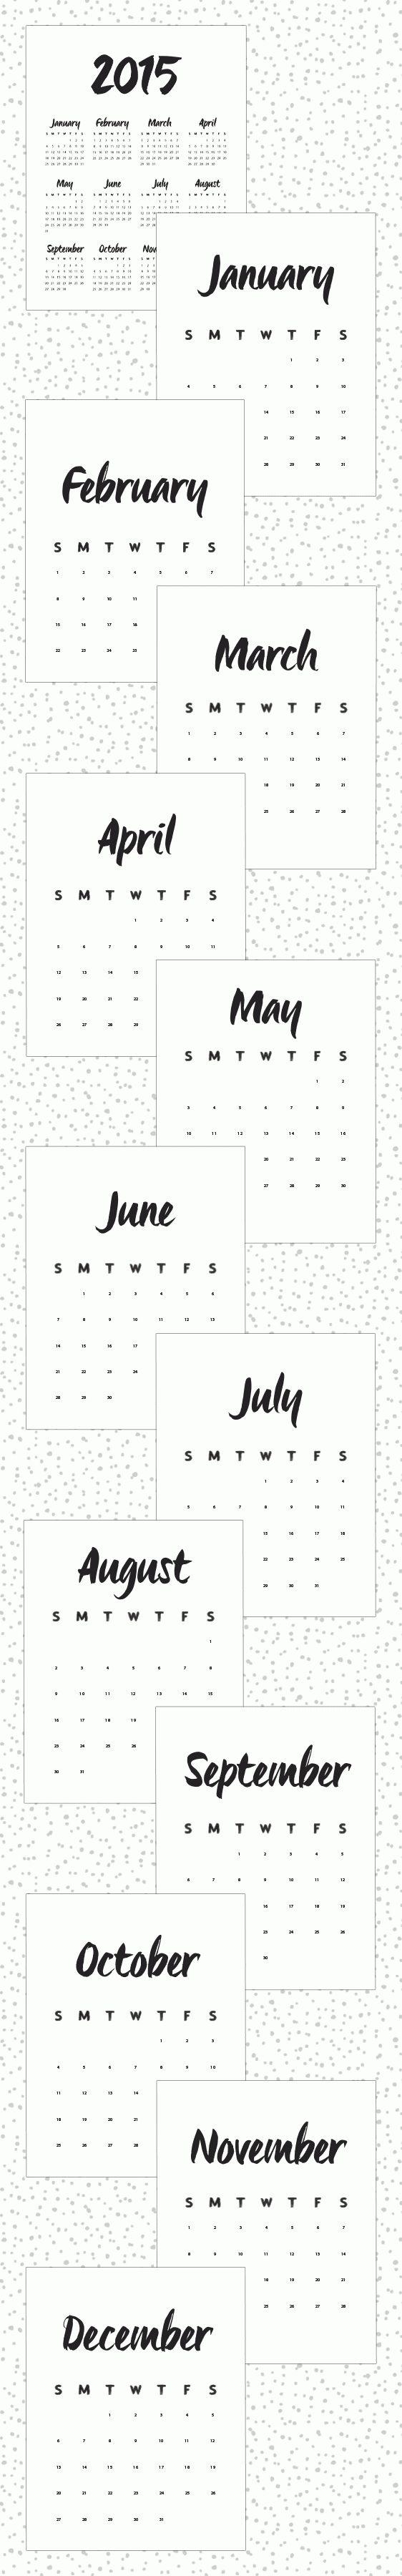 Year Calendar Look : Best images about calendar calendars on